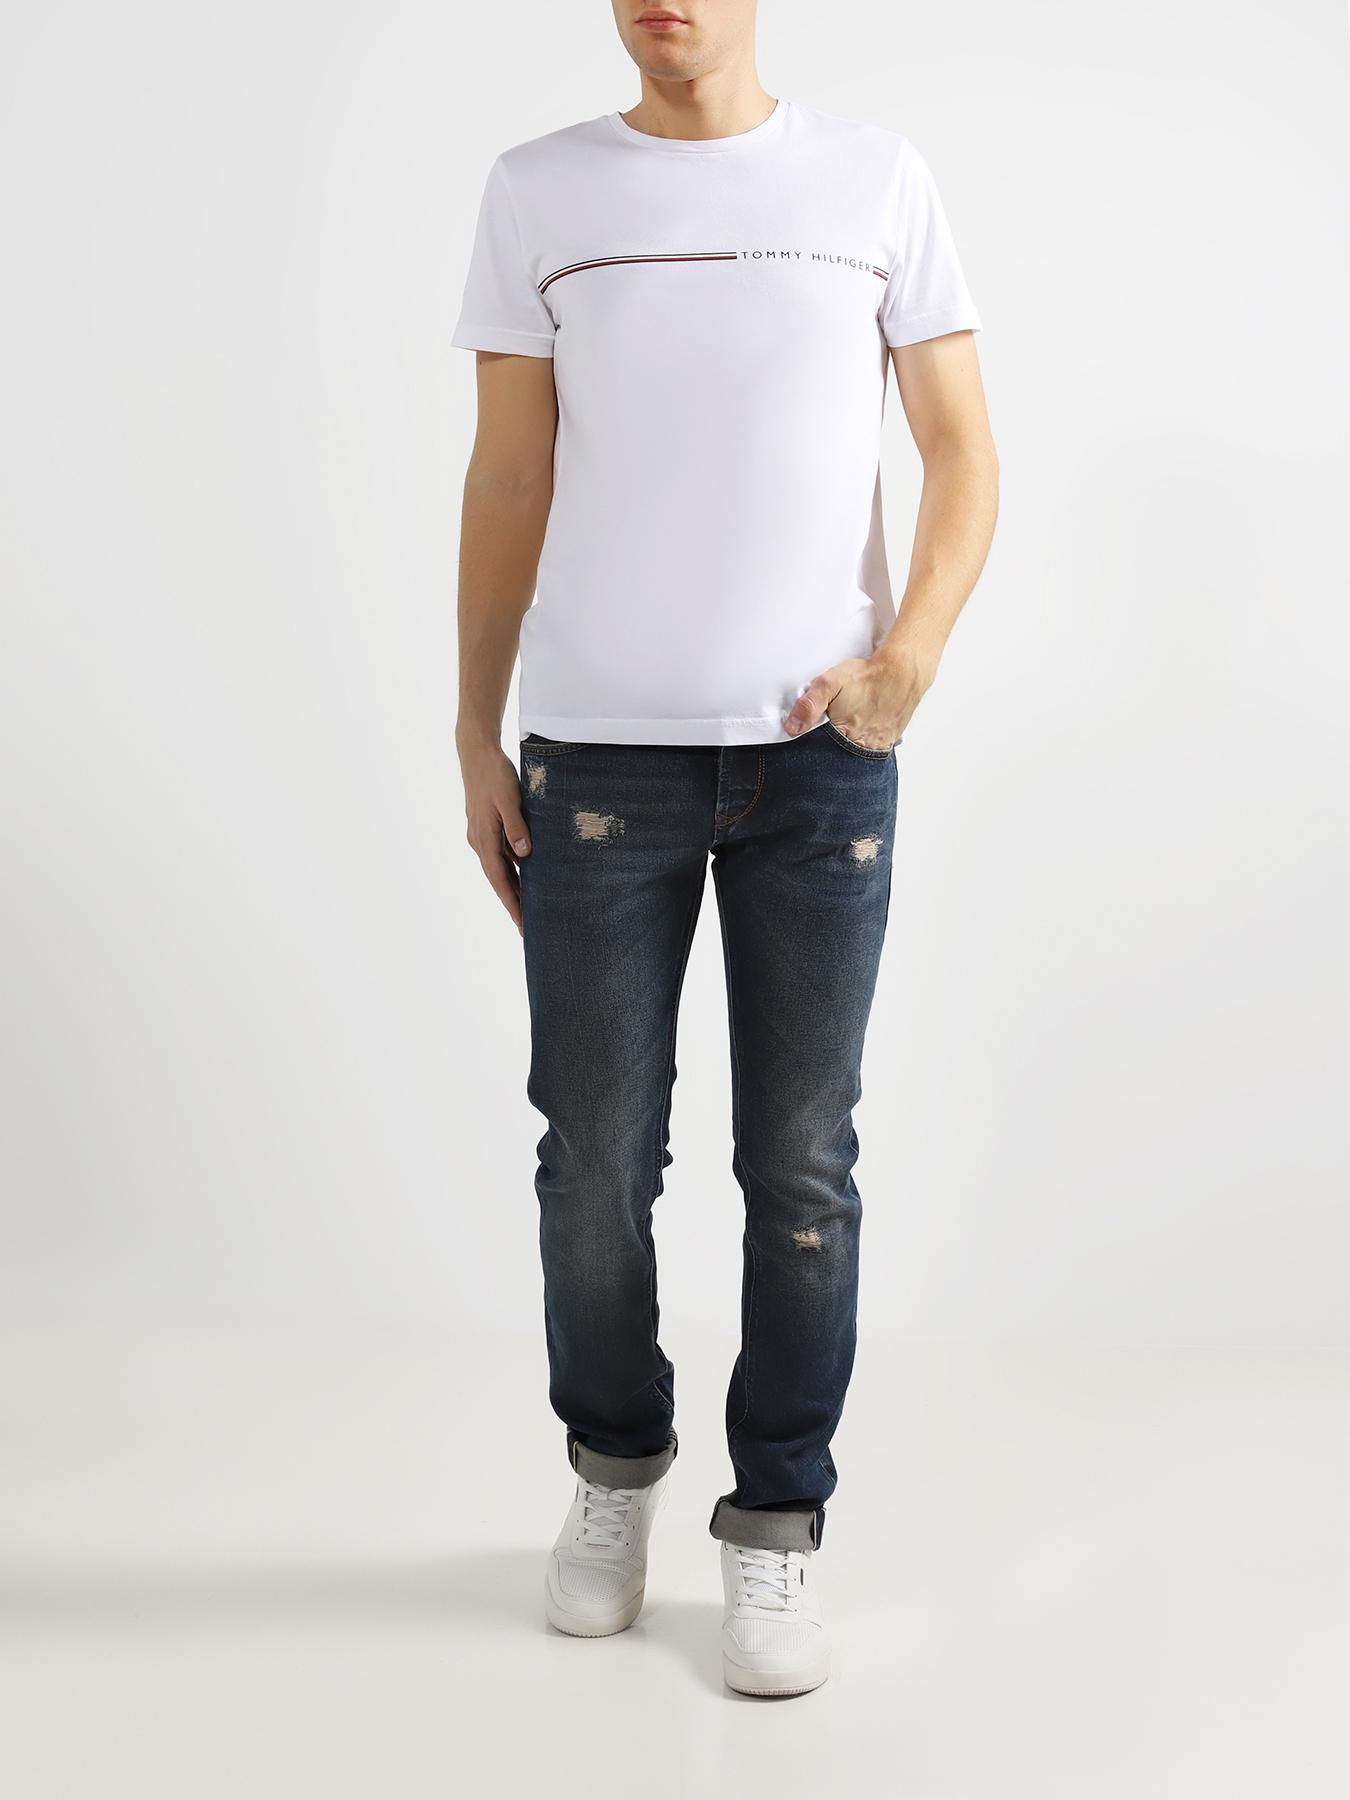 Брюки Baldessarini Зауженные джинсы джинсы galvanni джинсы зауженные